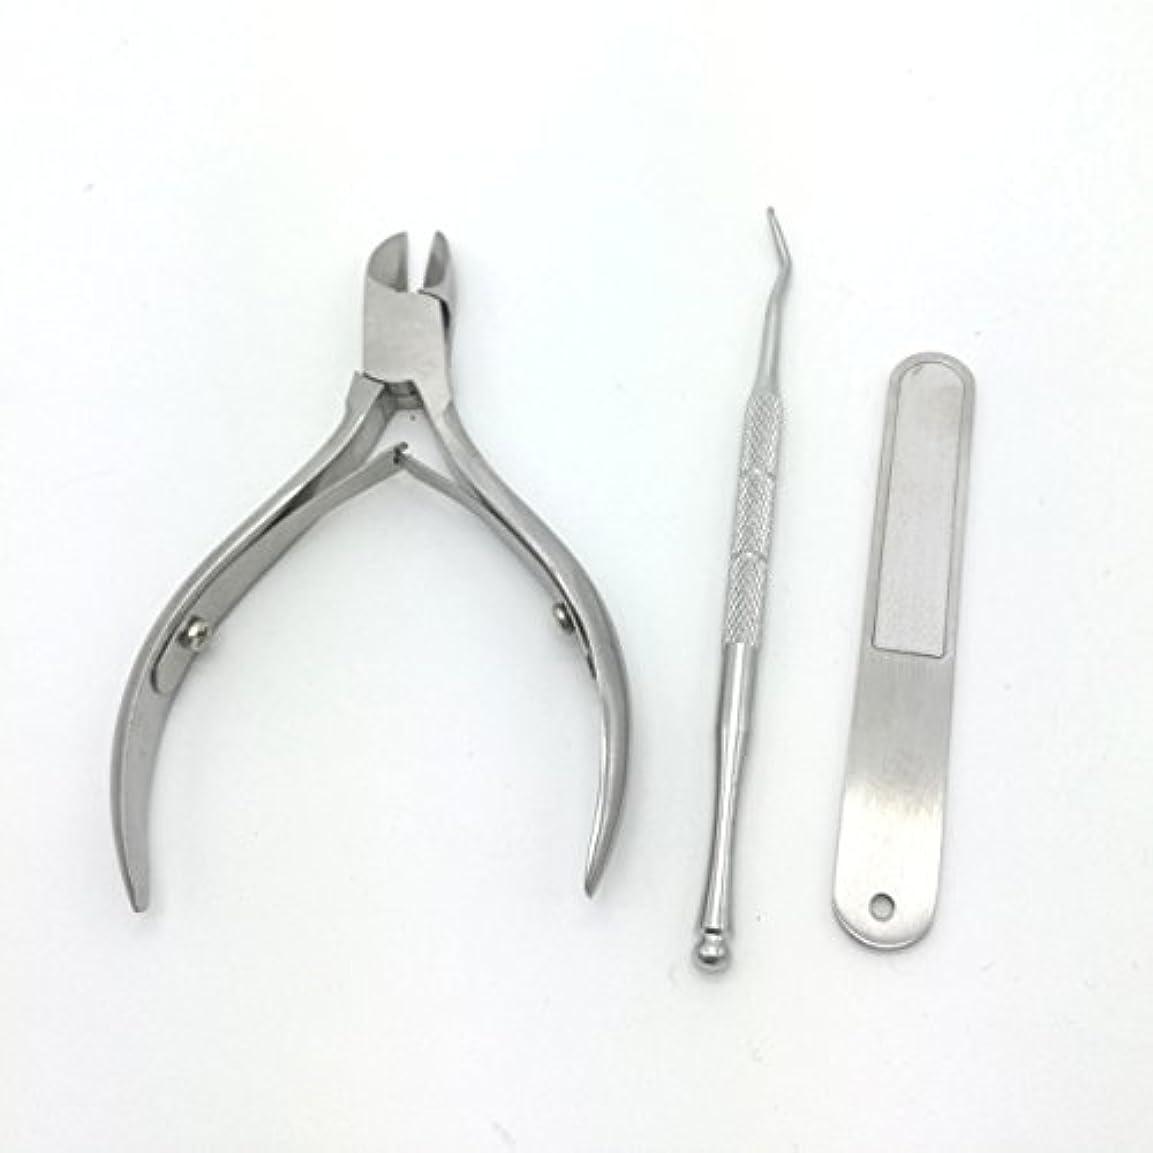 ジュニアもう一度コンテンポラリー爪切り 改良版ニッパー爪切り ステンレス製 ニッパー式爪切り ネイルニッパー 爪やすり、ゾンデ付き お年寄りプレゼント 贈答ケース付属